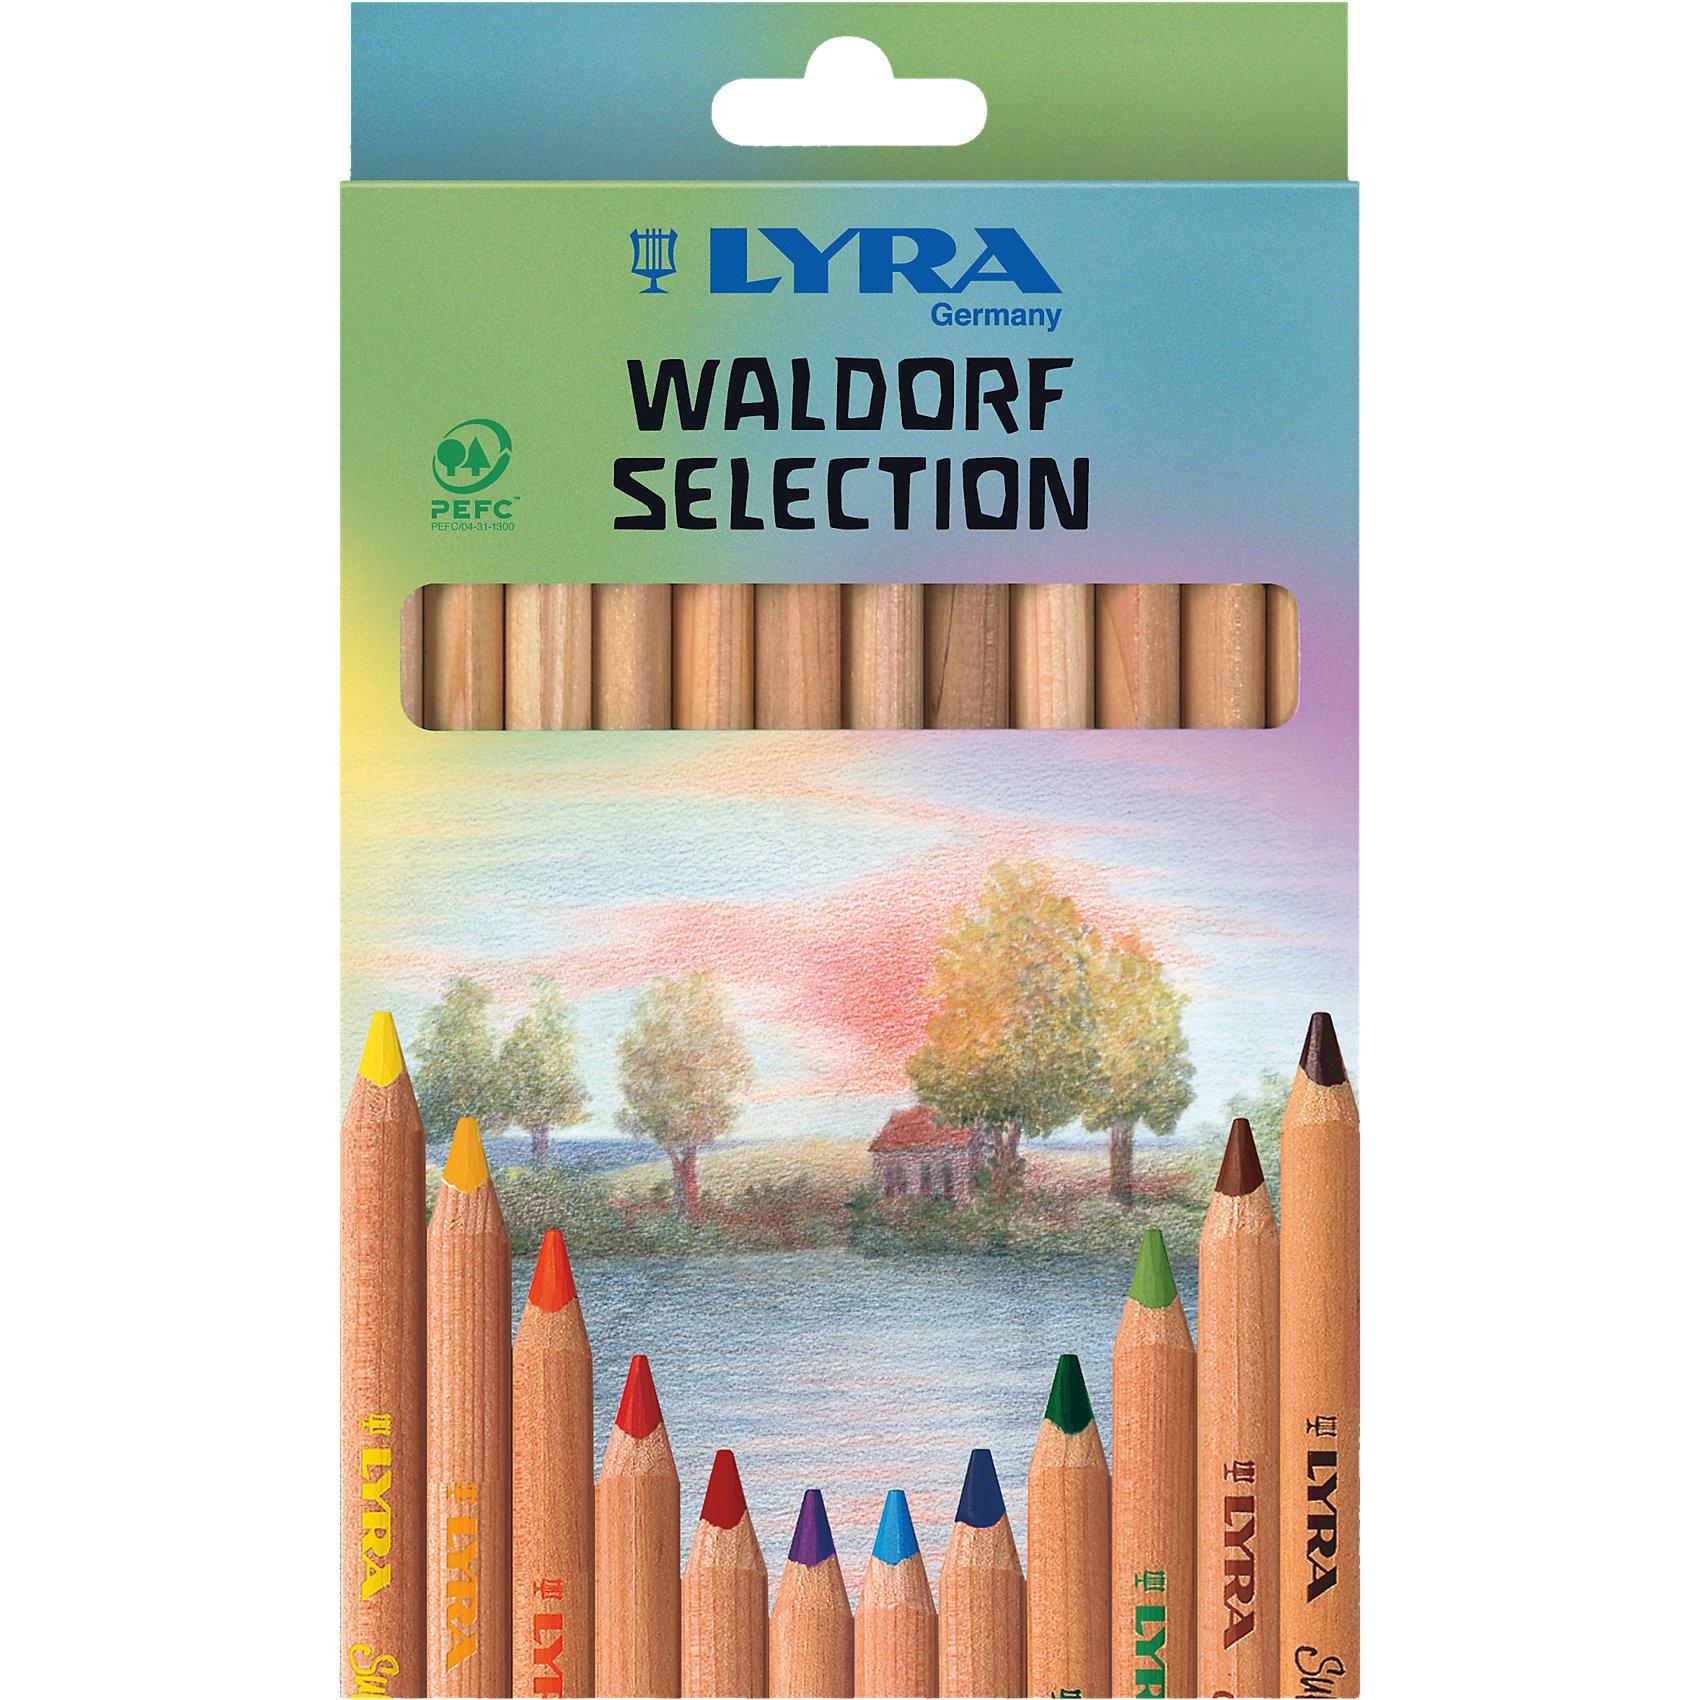 Высокопигментные цветные карандаши, 12 шт.Высокопигментные цветные карандаши, 12 шт. Уникальная палитра цветов, разработанная немецкой Вальдорфской школой рисования. Эргономичная треугольная форма. Длина карандаша - 175 мм, диаметр грифеля 6,25 мм. Произведены из натуральной сертифицированной древесины, не лакированные. Ударопрочные.<br><br>Ширина мм: 200<br>Глубина мм: 123<br>Высота мм: 15<br>Вес г: 151<br>Возраст от месяцев: 24<br>Возраст до месяцев: 72<br>Пол: Унисекс<br>Возраст: Детский<br>SKU: 4194380